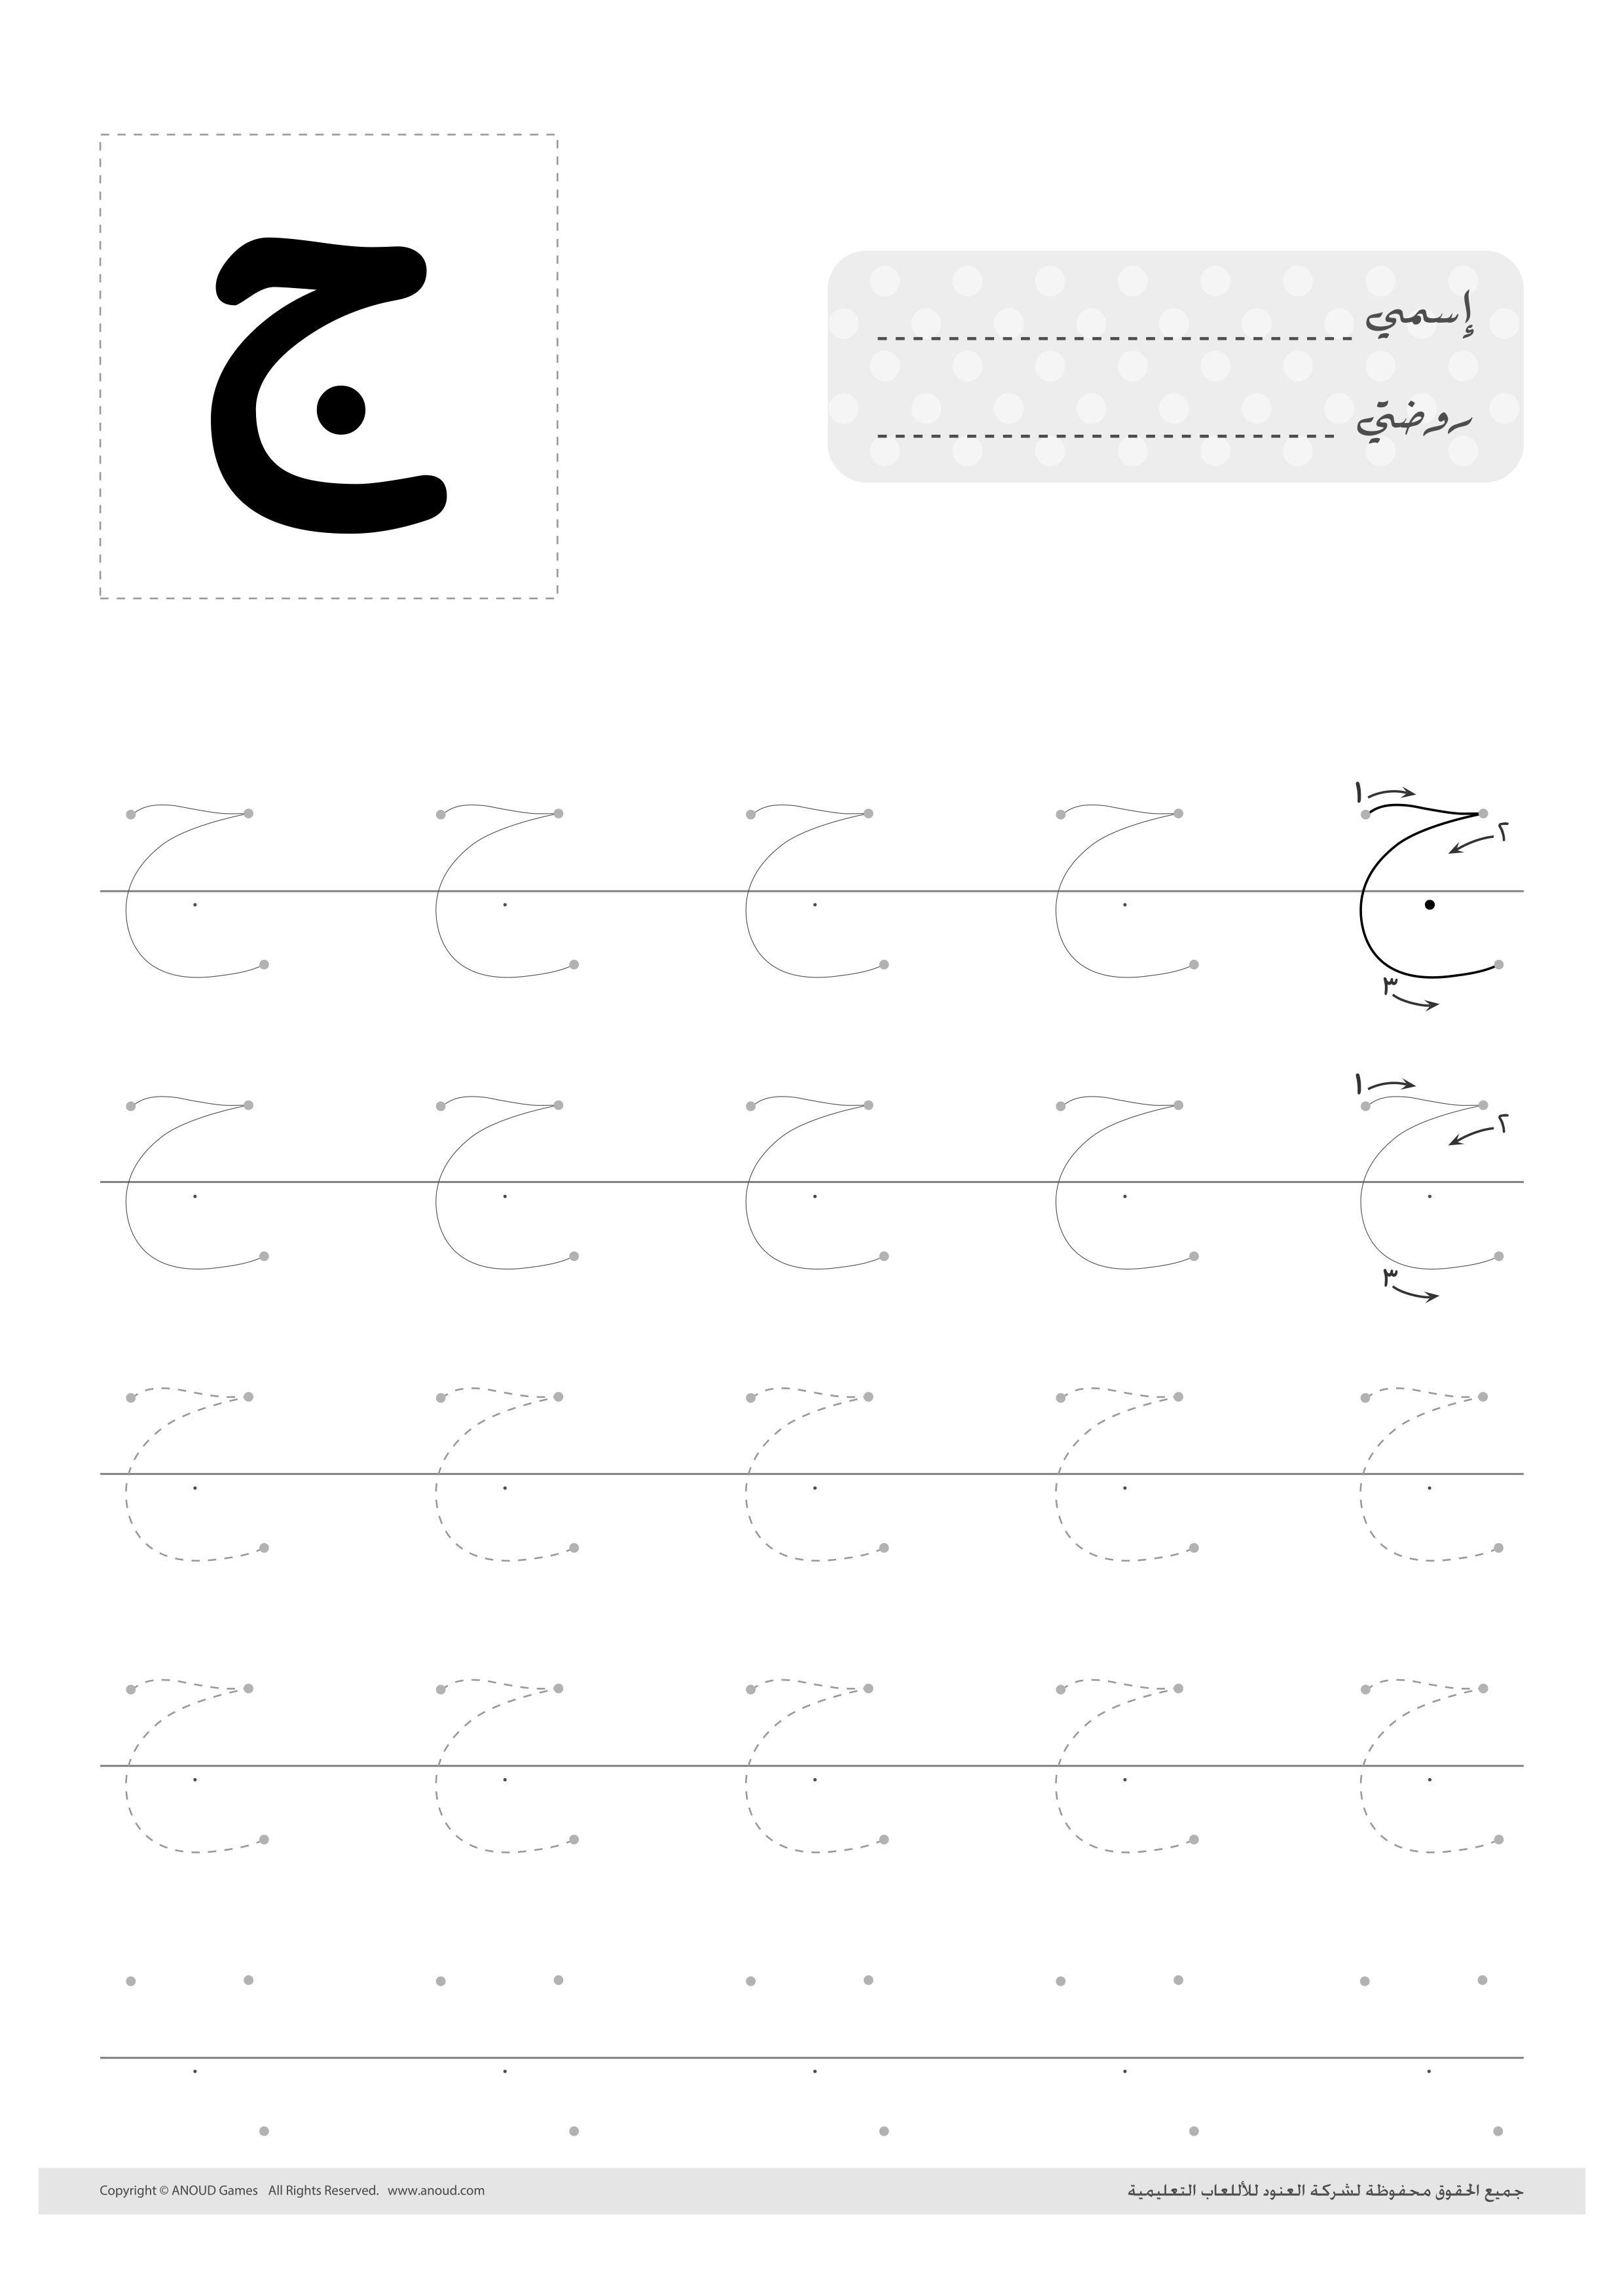 شركة العنود الألعاب التعليمية العاب الاطفال التعليمية تعلم الحروف العربي Shape Worksheets For Preschool Arabic Alphabet For Kids Alphabet Worksheets Free